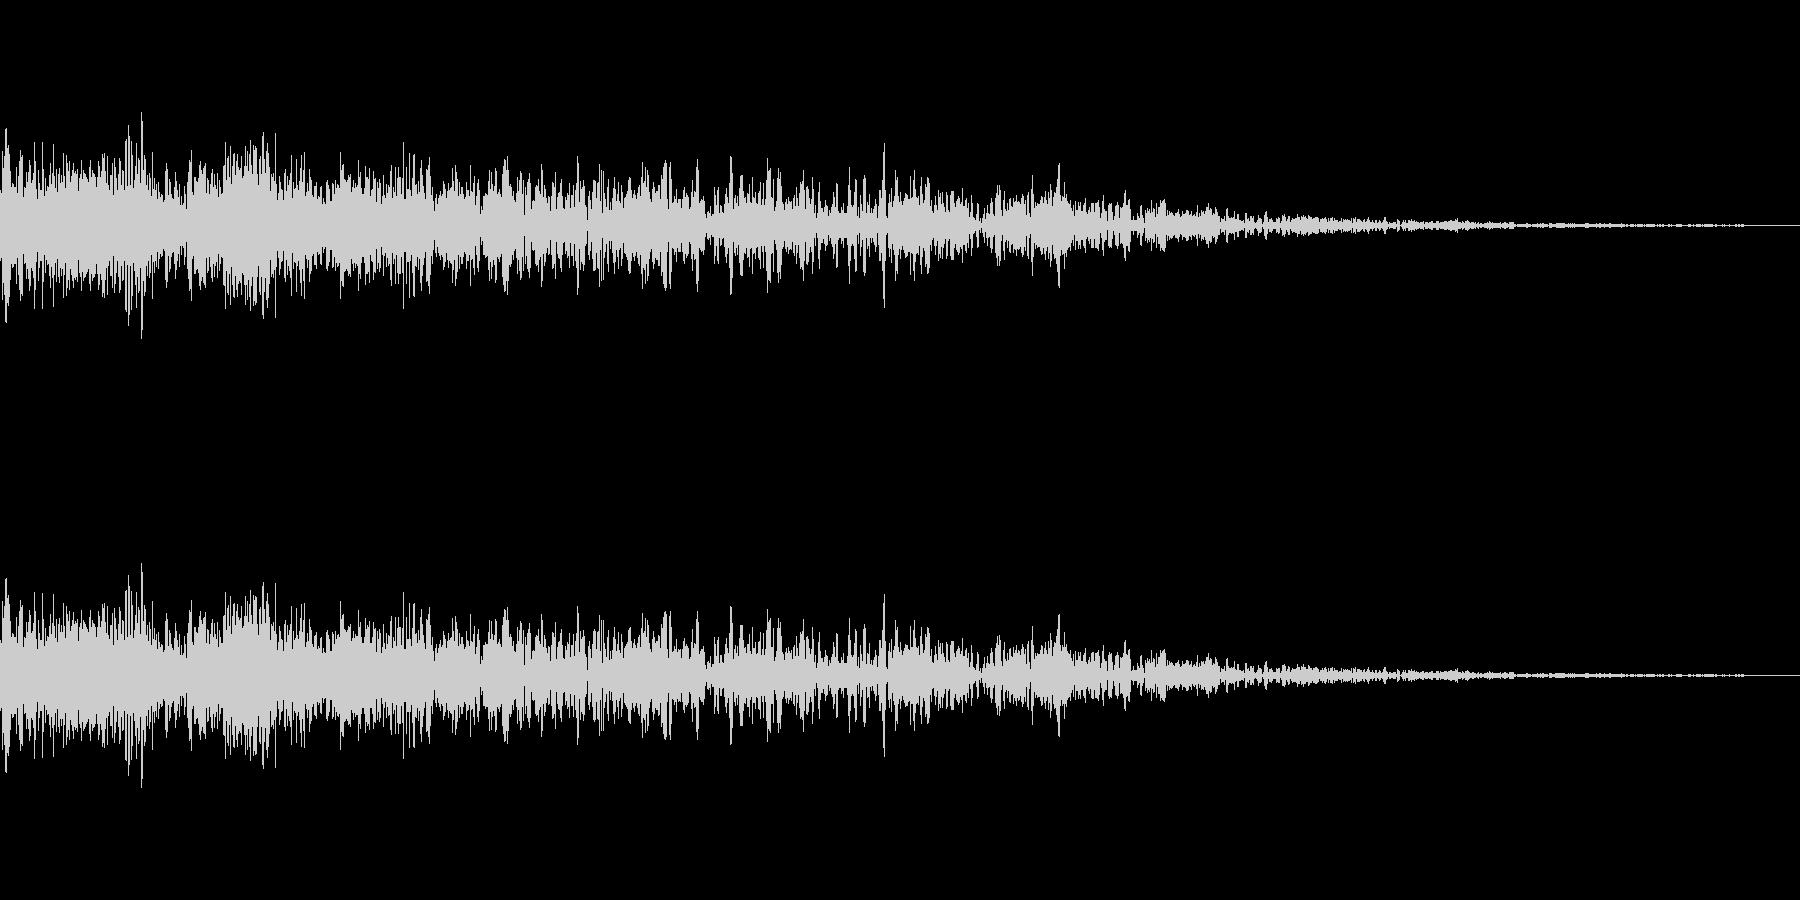 [ピロピロ]キャラ死亡・ミス(8bit)の未再生の波形